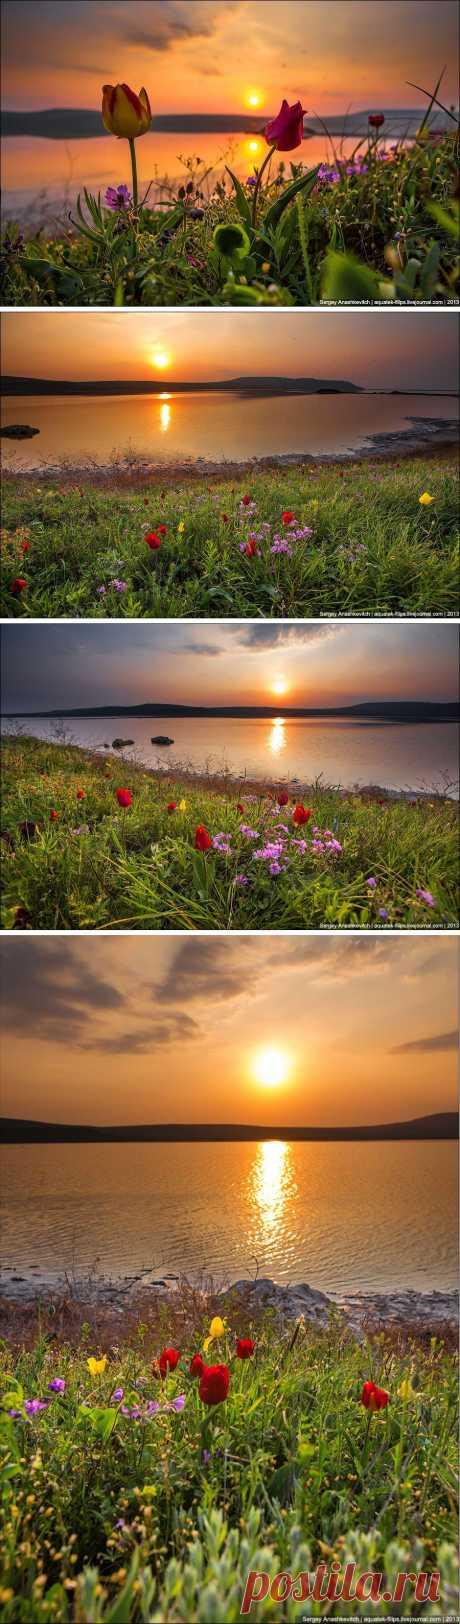 Ежегодно в конце апреля на некоторых степных участках восточного Крыма можно наблюдать невероятное по красоте зрелище.  Занесенные в Красную Книгу тюльпаны Шренка и Скифские тюльпаны безумным красно-желтым ковром покрывают степные просторы недалеко от Кояшского озера и заповедника Опук.